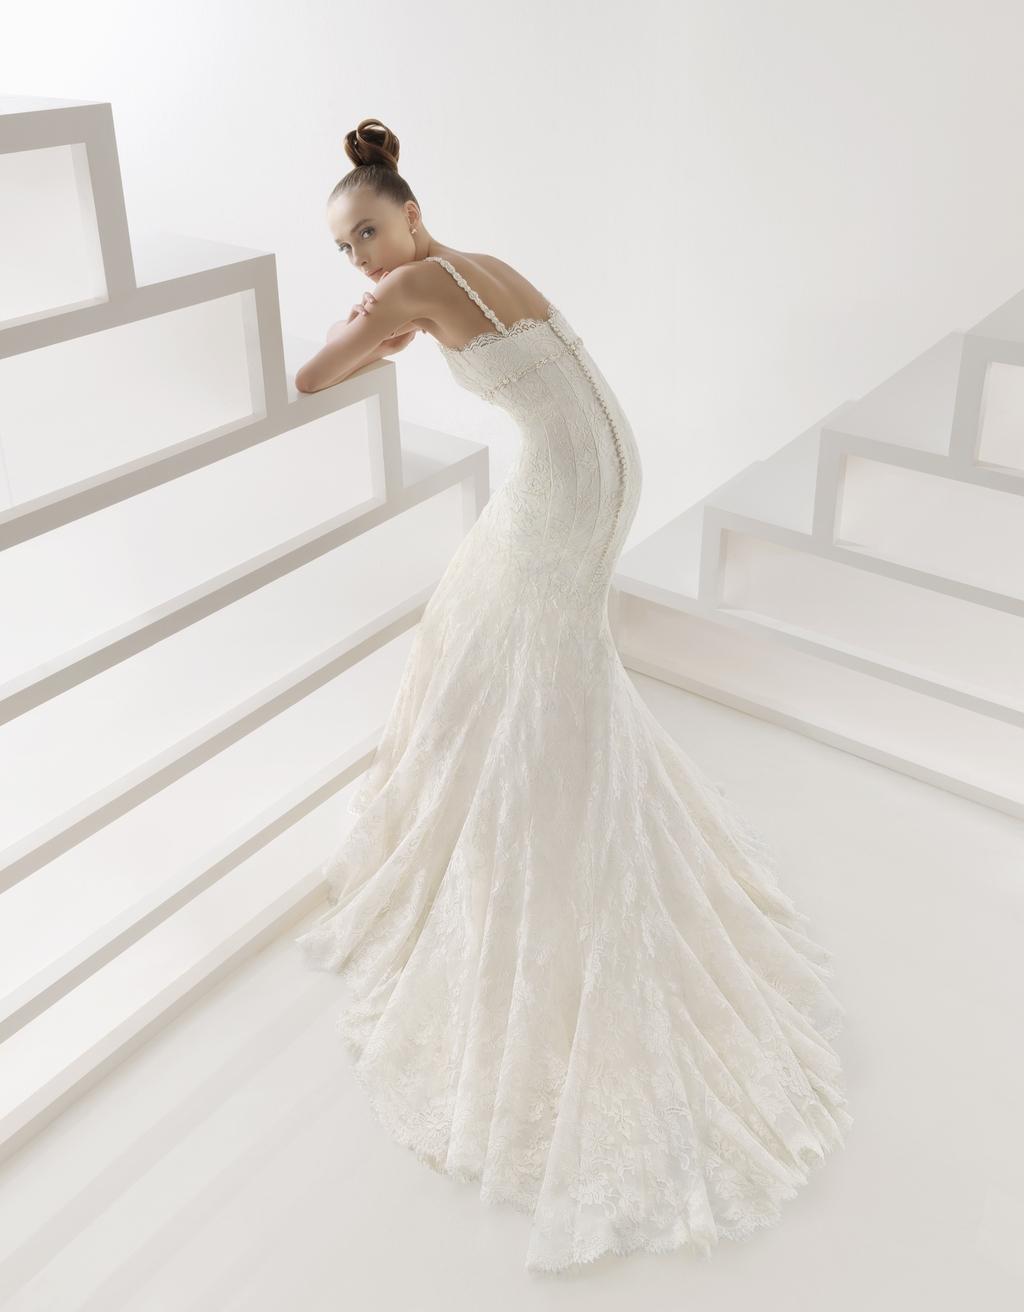 209-edith-lace-mermaid-wedding-dress-2011-rosa-clara-back.full